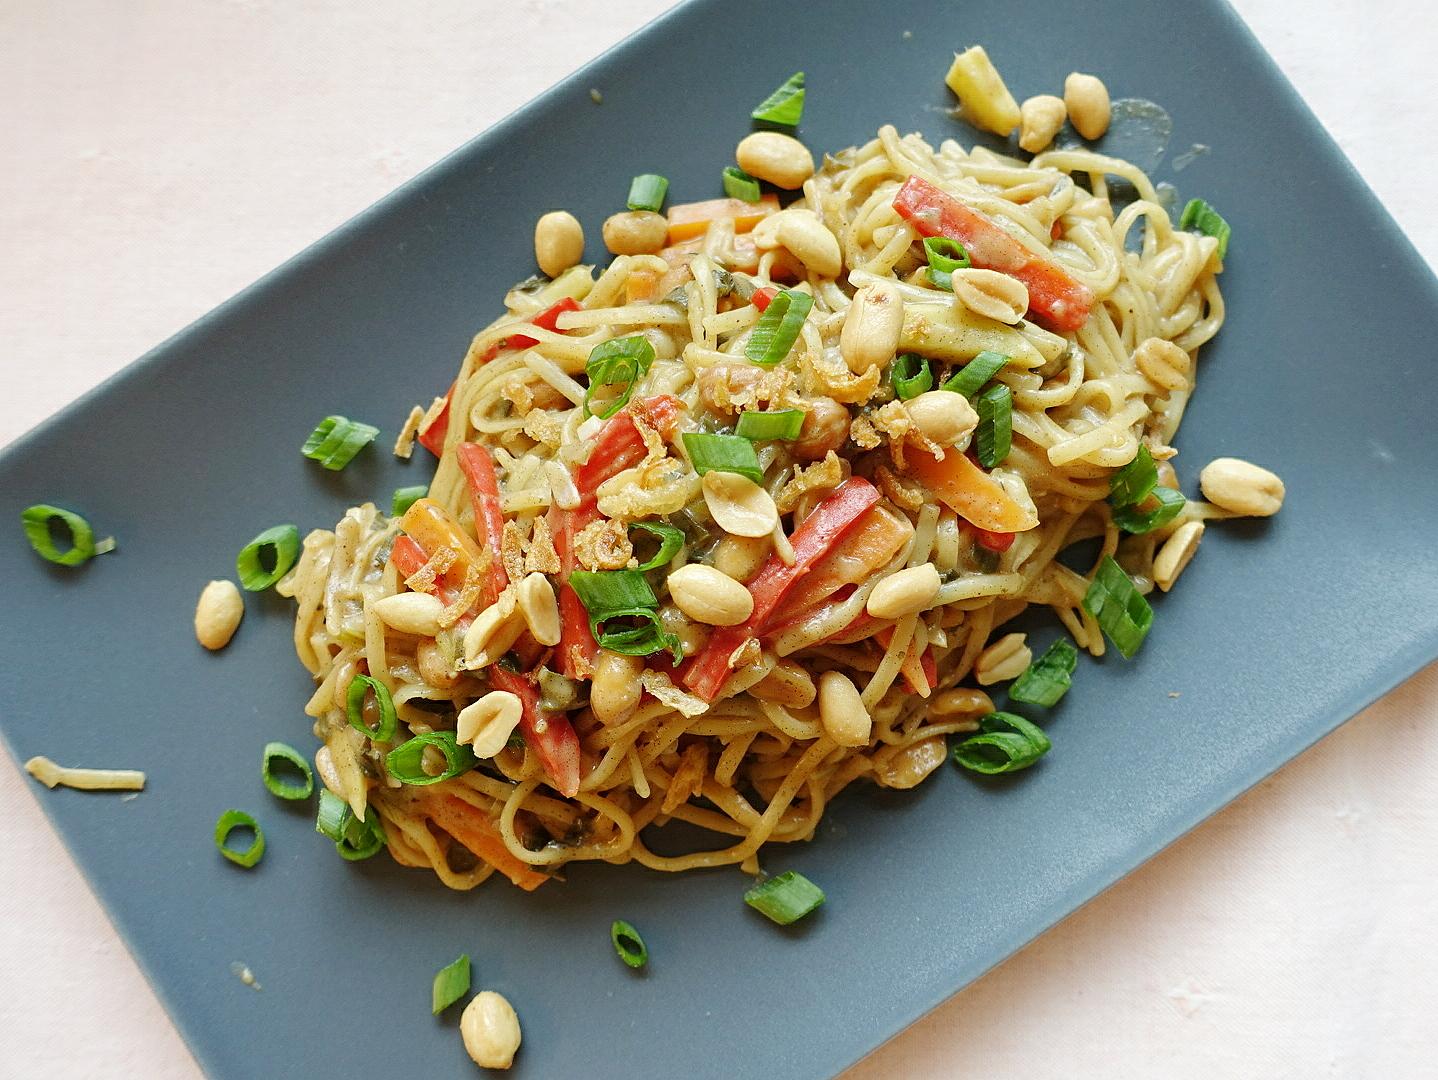 One Pot Pasta: Nudeln mit Erdnussauce und Gemüse | Zubereitet #inunter20 Minuten | judetta.de